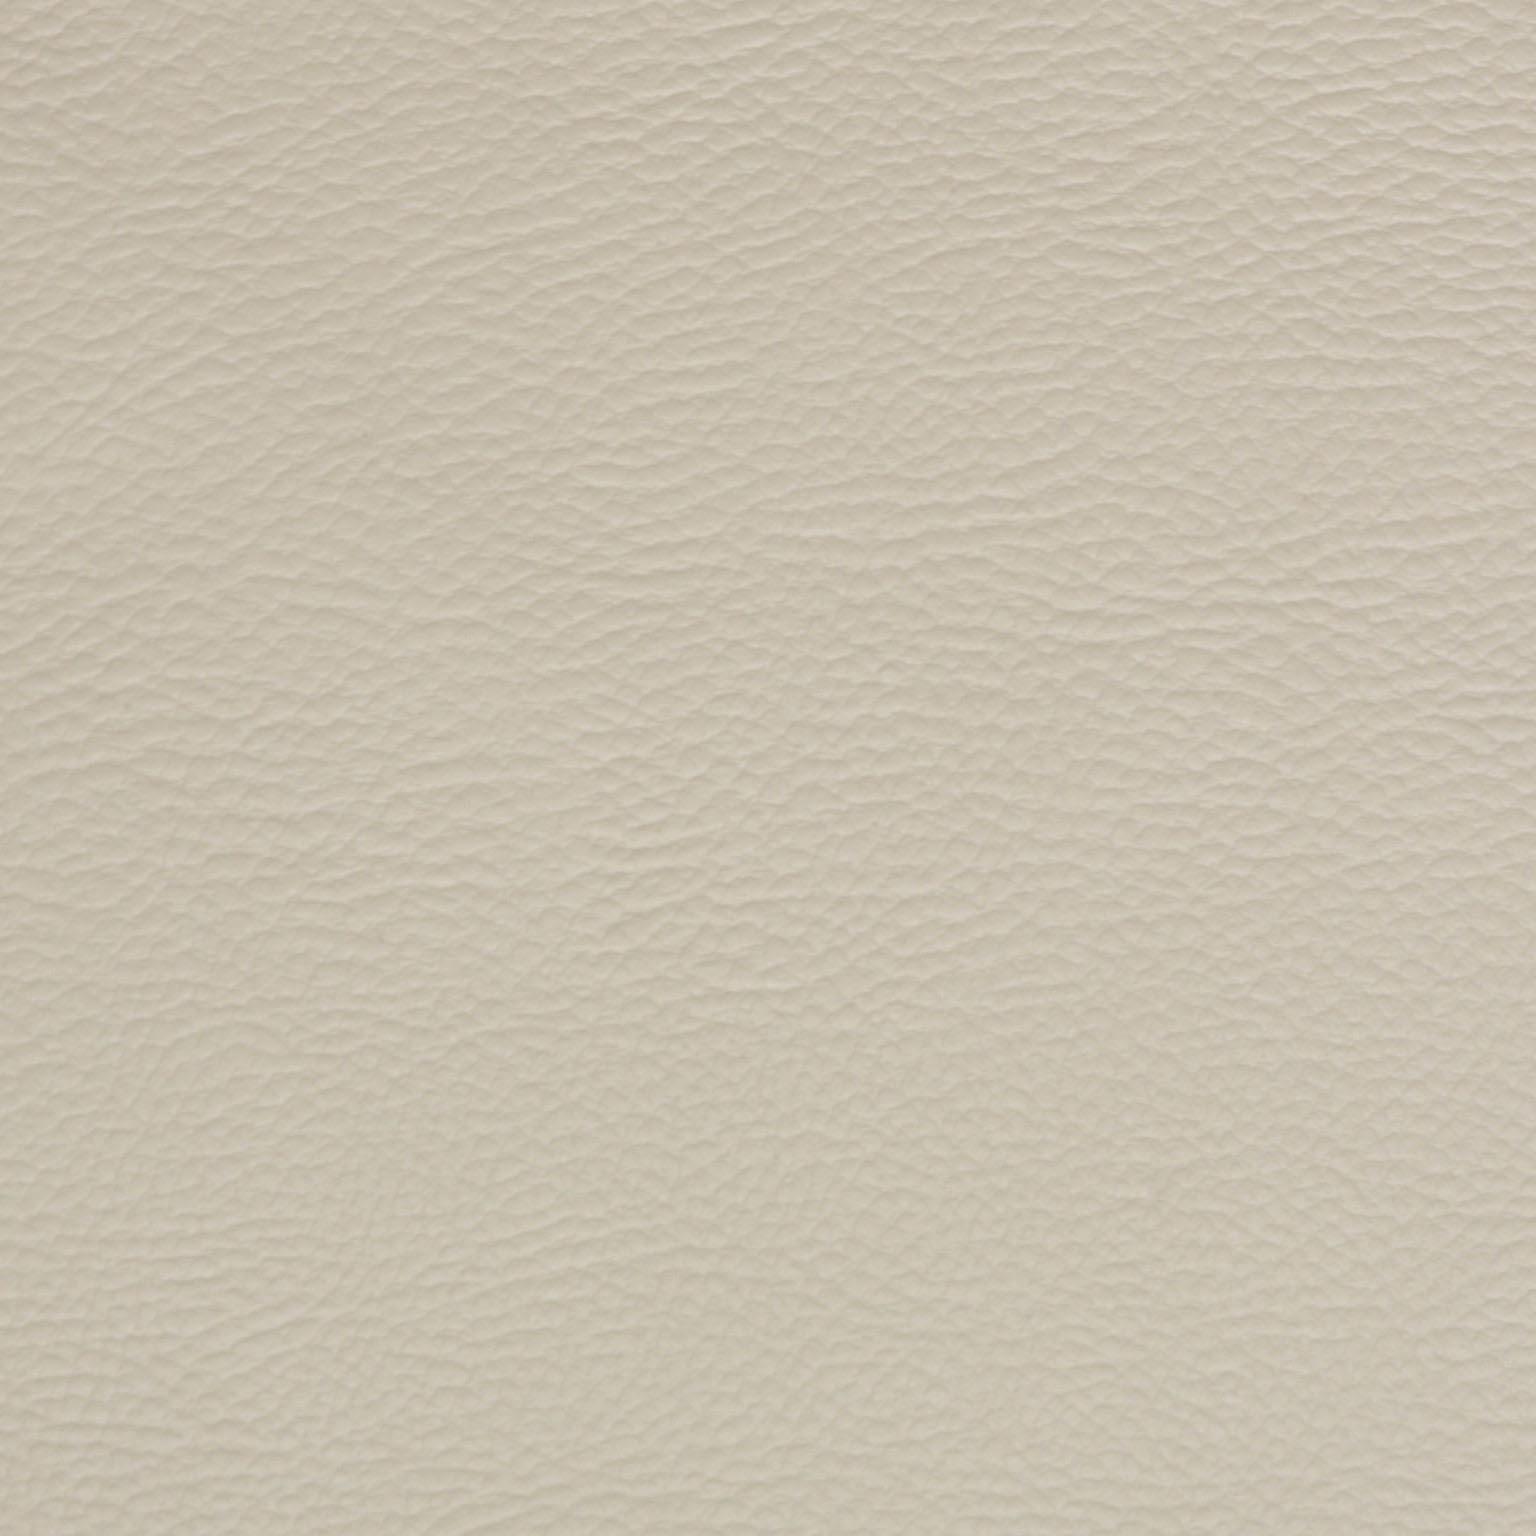 Faux leather_e97-007